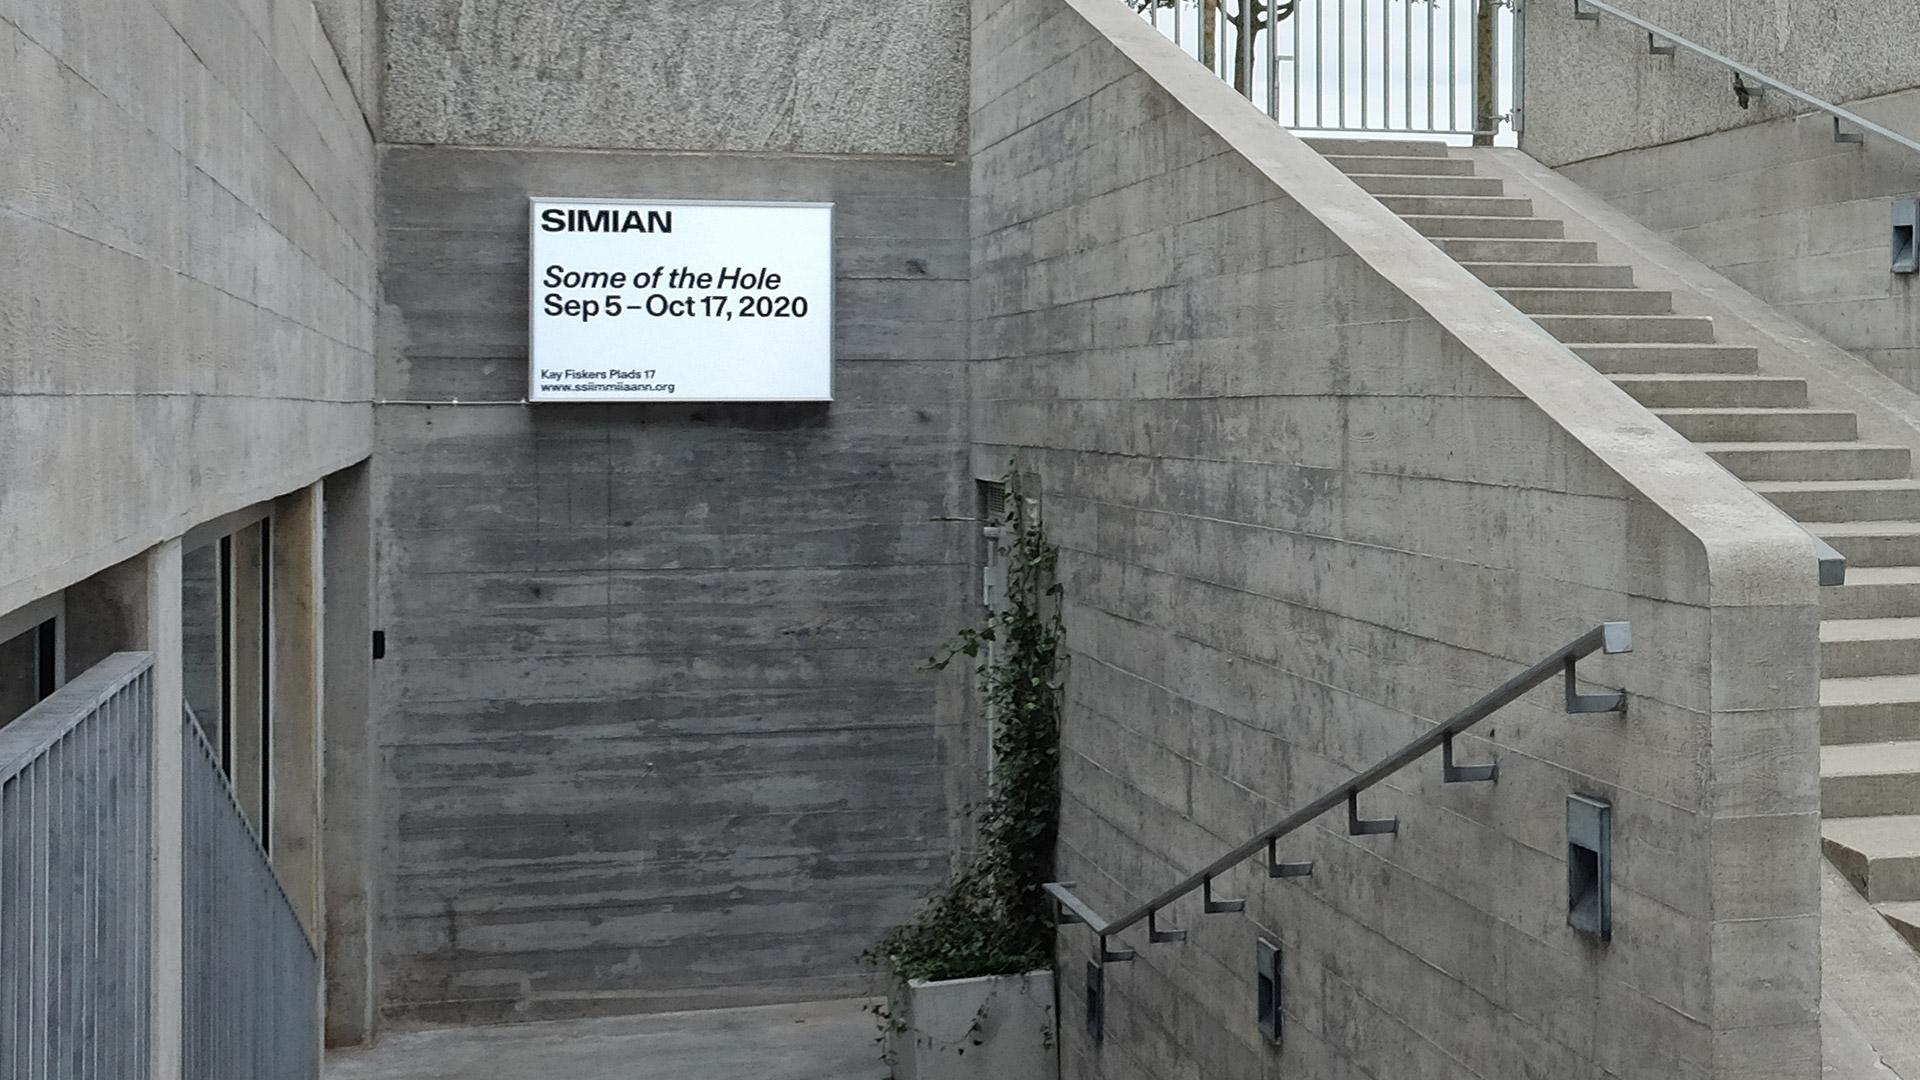 SIMIAN Kunsthal